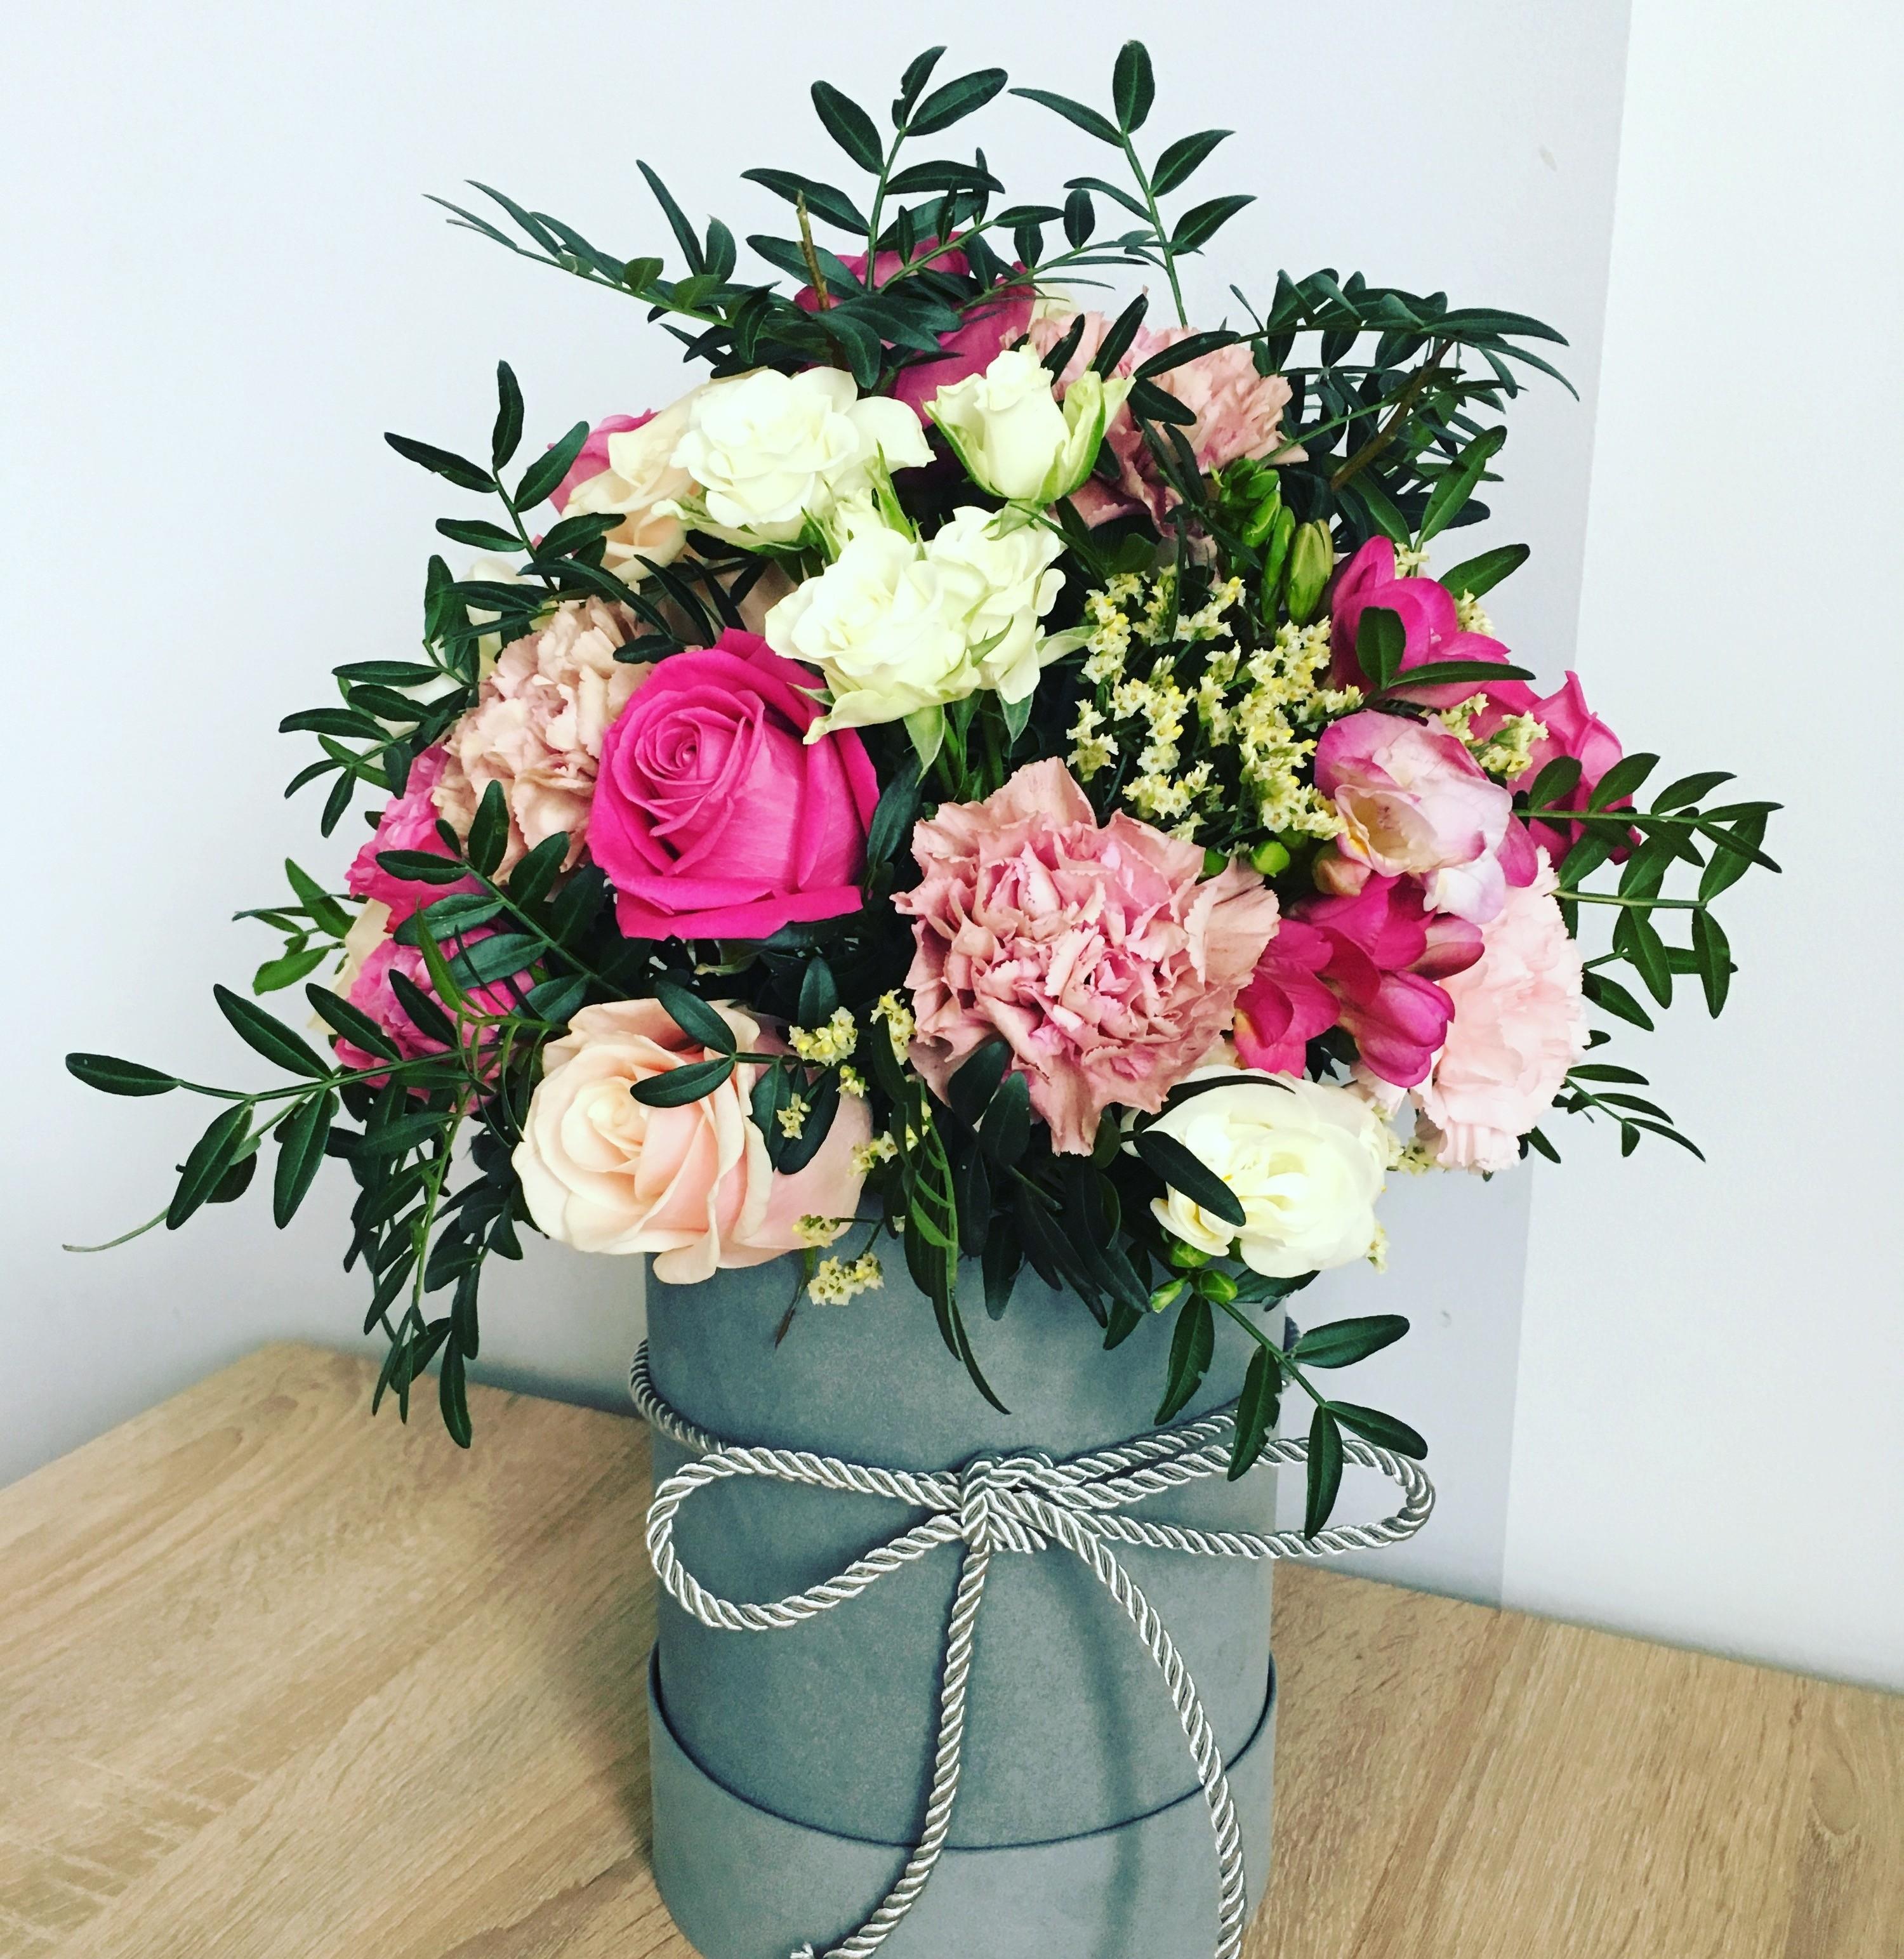 Kwiaty W Pudle Idealne Na Zblizajacy Sie Dzien Matki Lecz Nie Tylko Przeambitni Pl